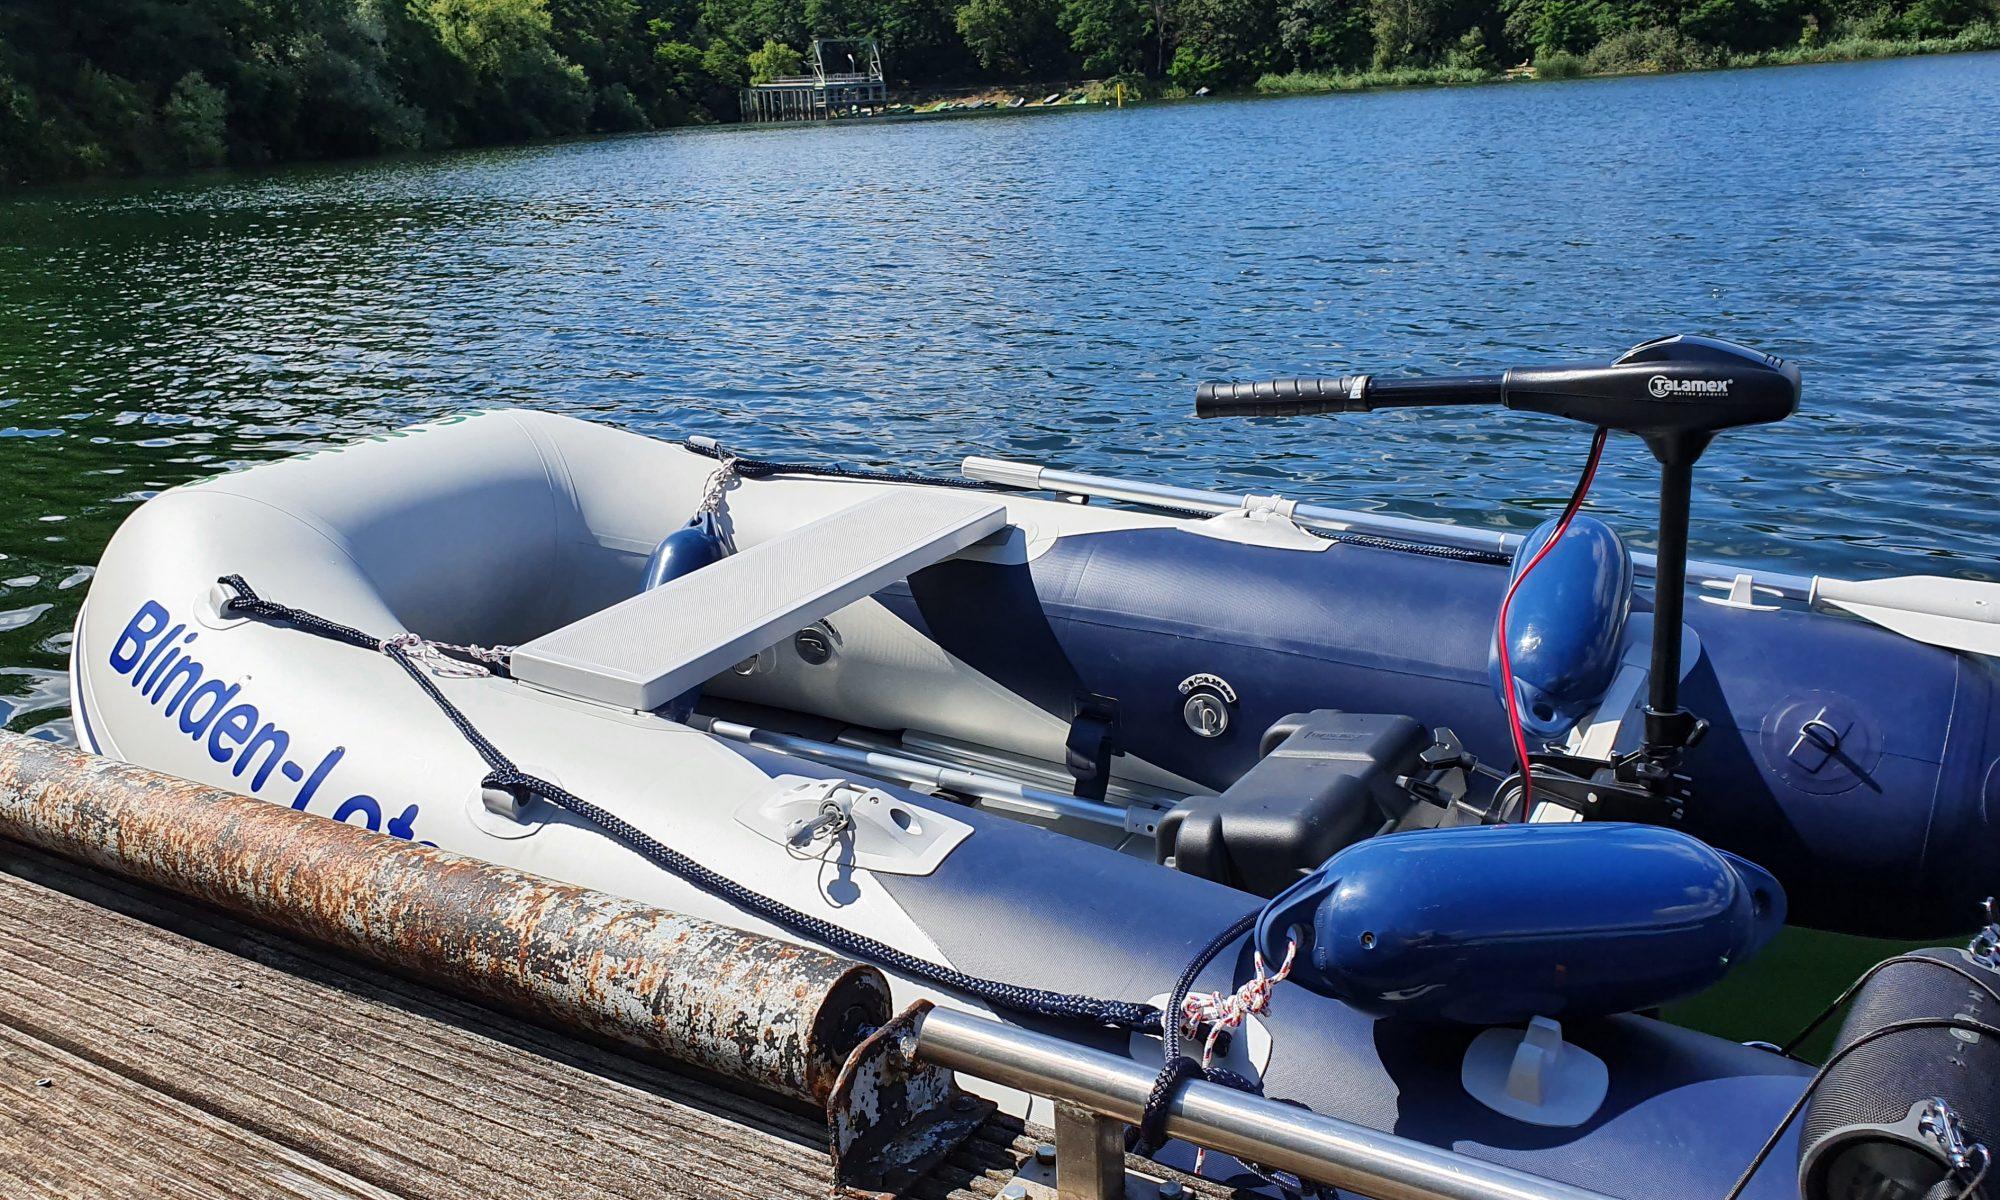 unser Schlauchboot am Steg